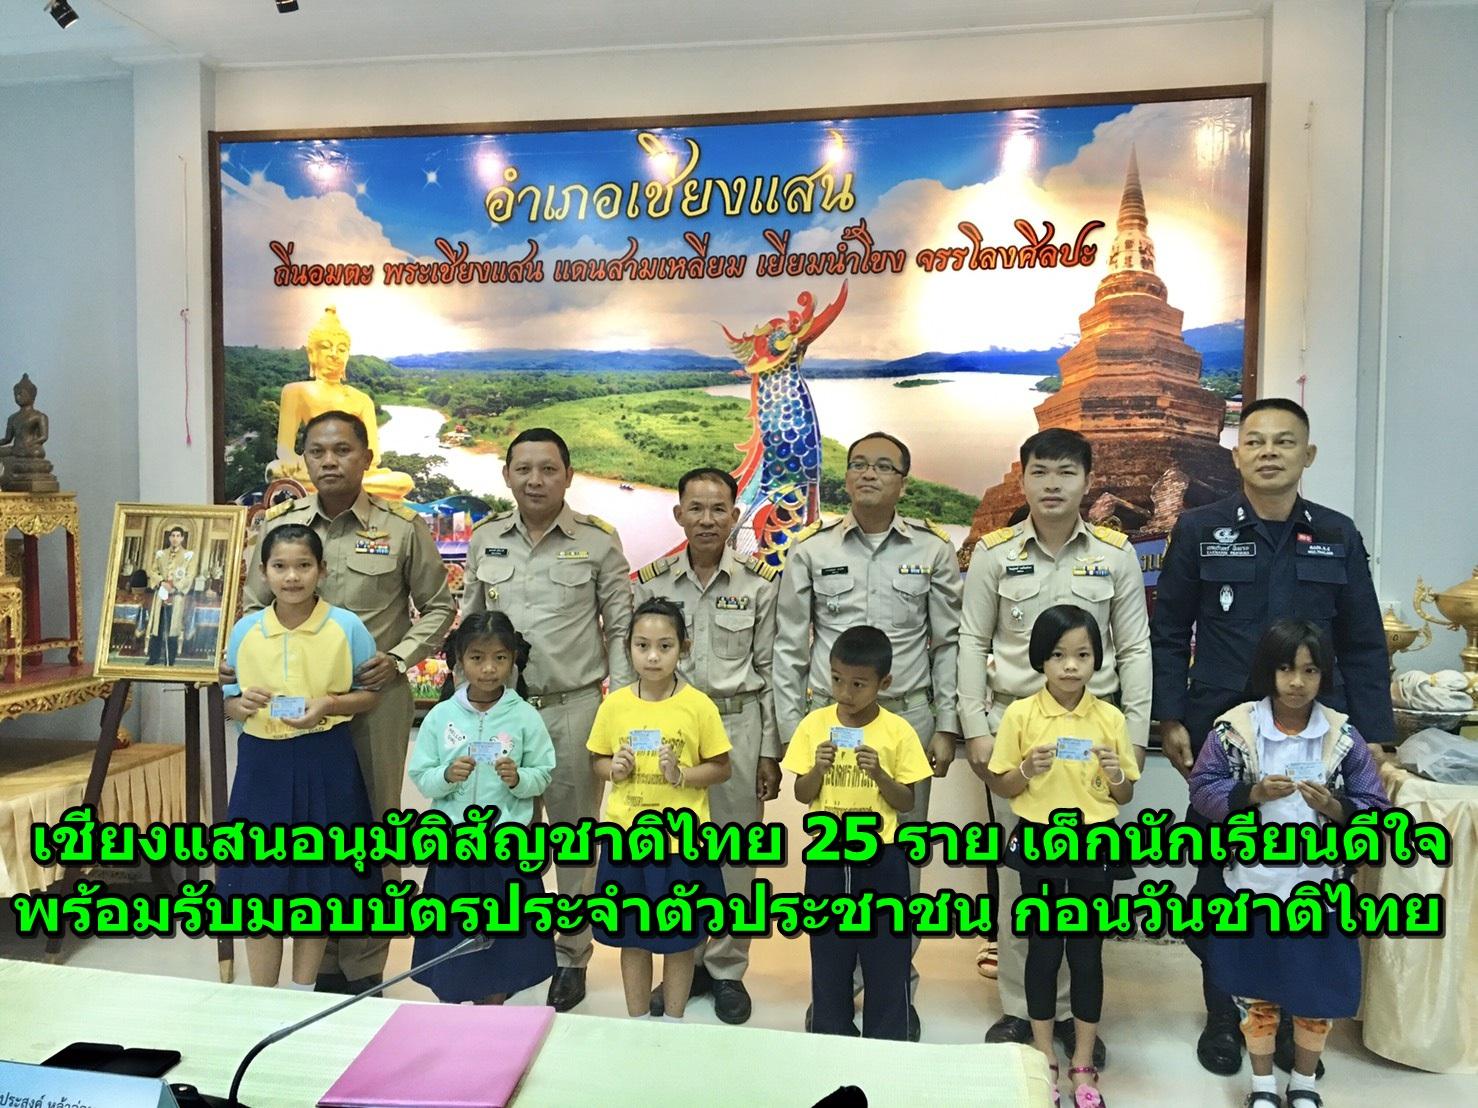 เชียงแสนอนุมัติสัญชาติไทย 25 ราย เด็กนักเรียนดีใจ พร้อมรับมอบบัตรประจำตัวประชาชน ก่อนวันชาติไทย